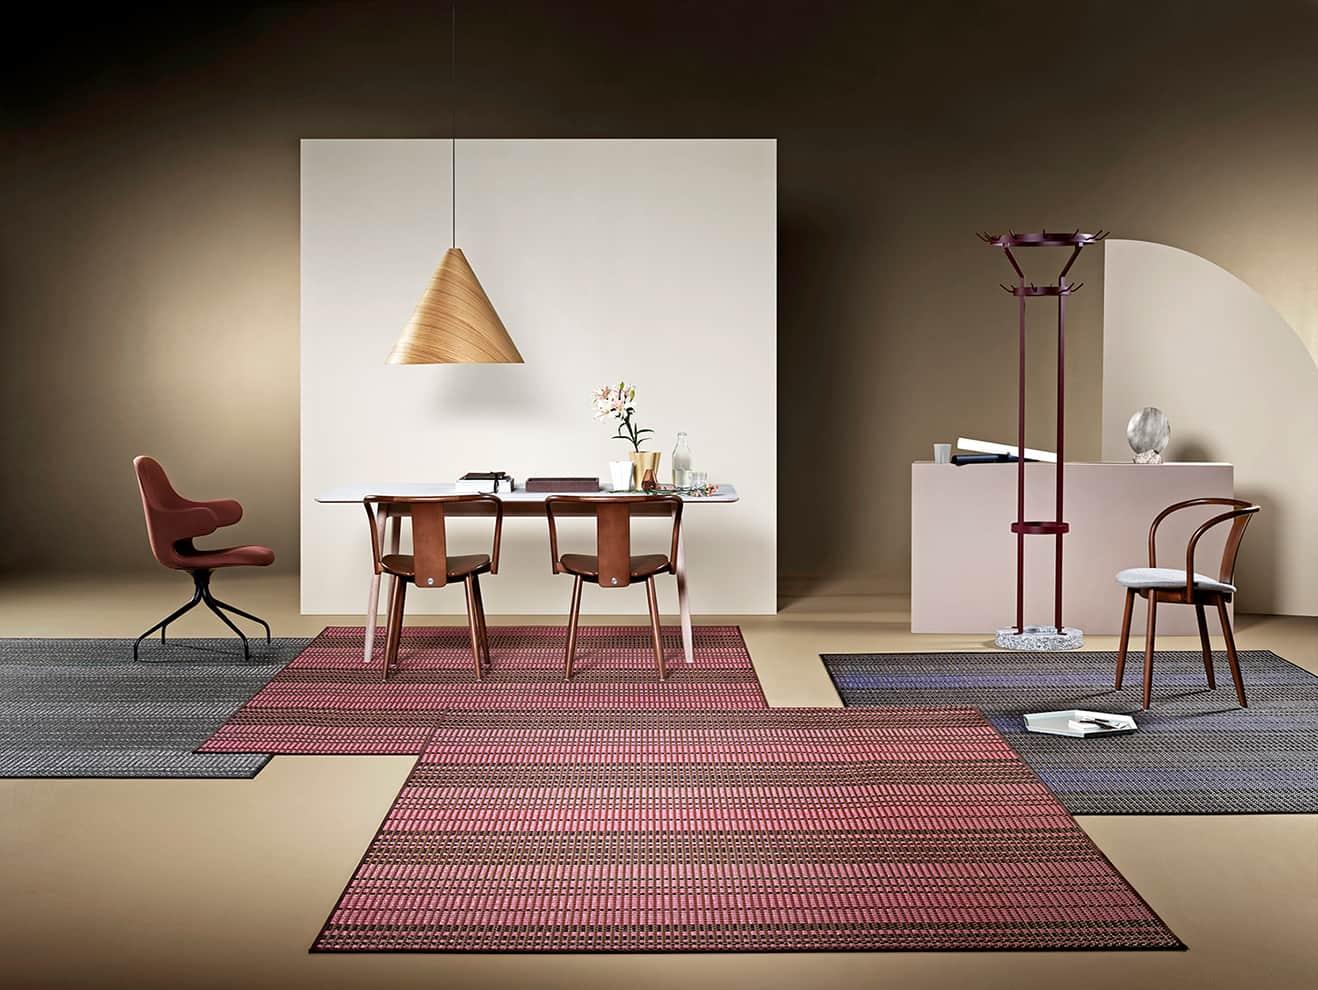 Bolon, Villa La Madonna - Première collection de tapis aux motifs géométriques colorés, mélangeant fils de vinyle et de coton. 3 x 2 m. ©Bolon